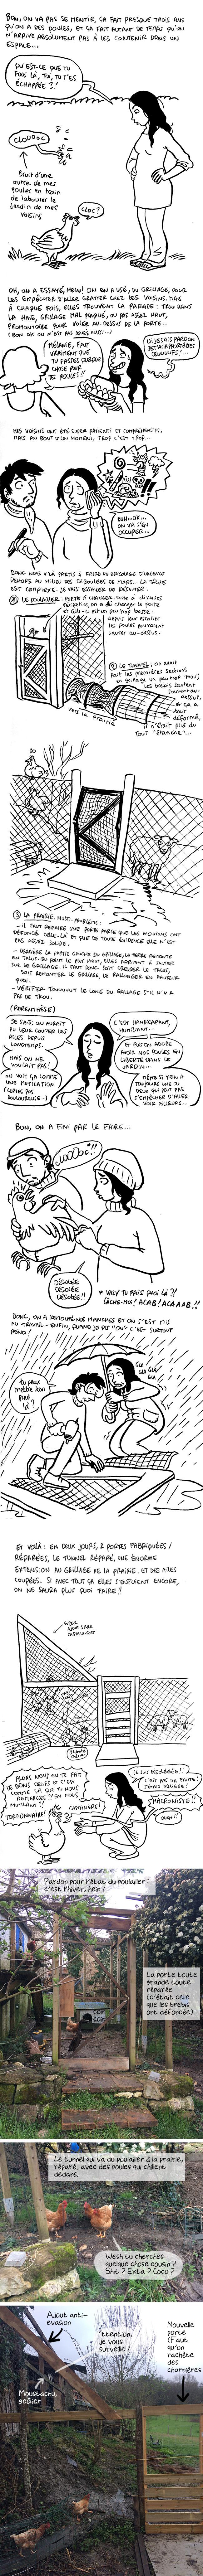 http://melaka.free.fr/blog/alcatrazpoupoules.jpg